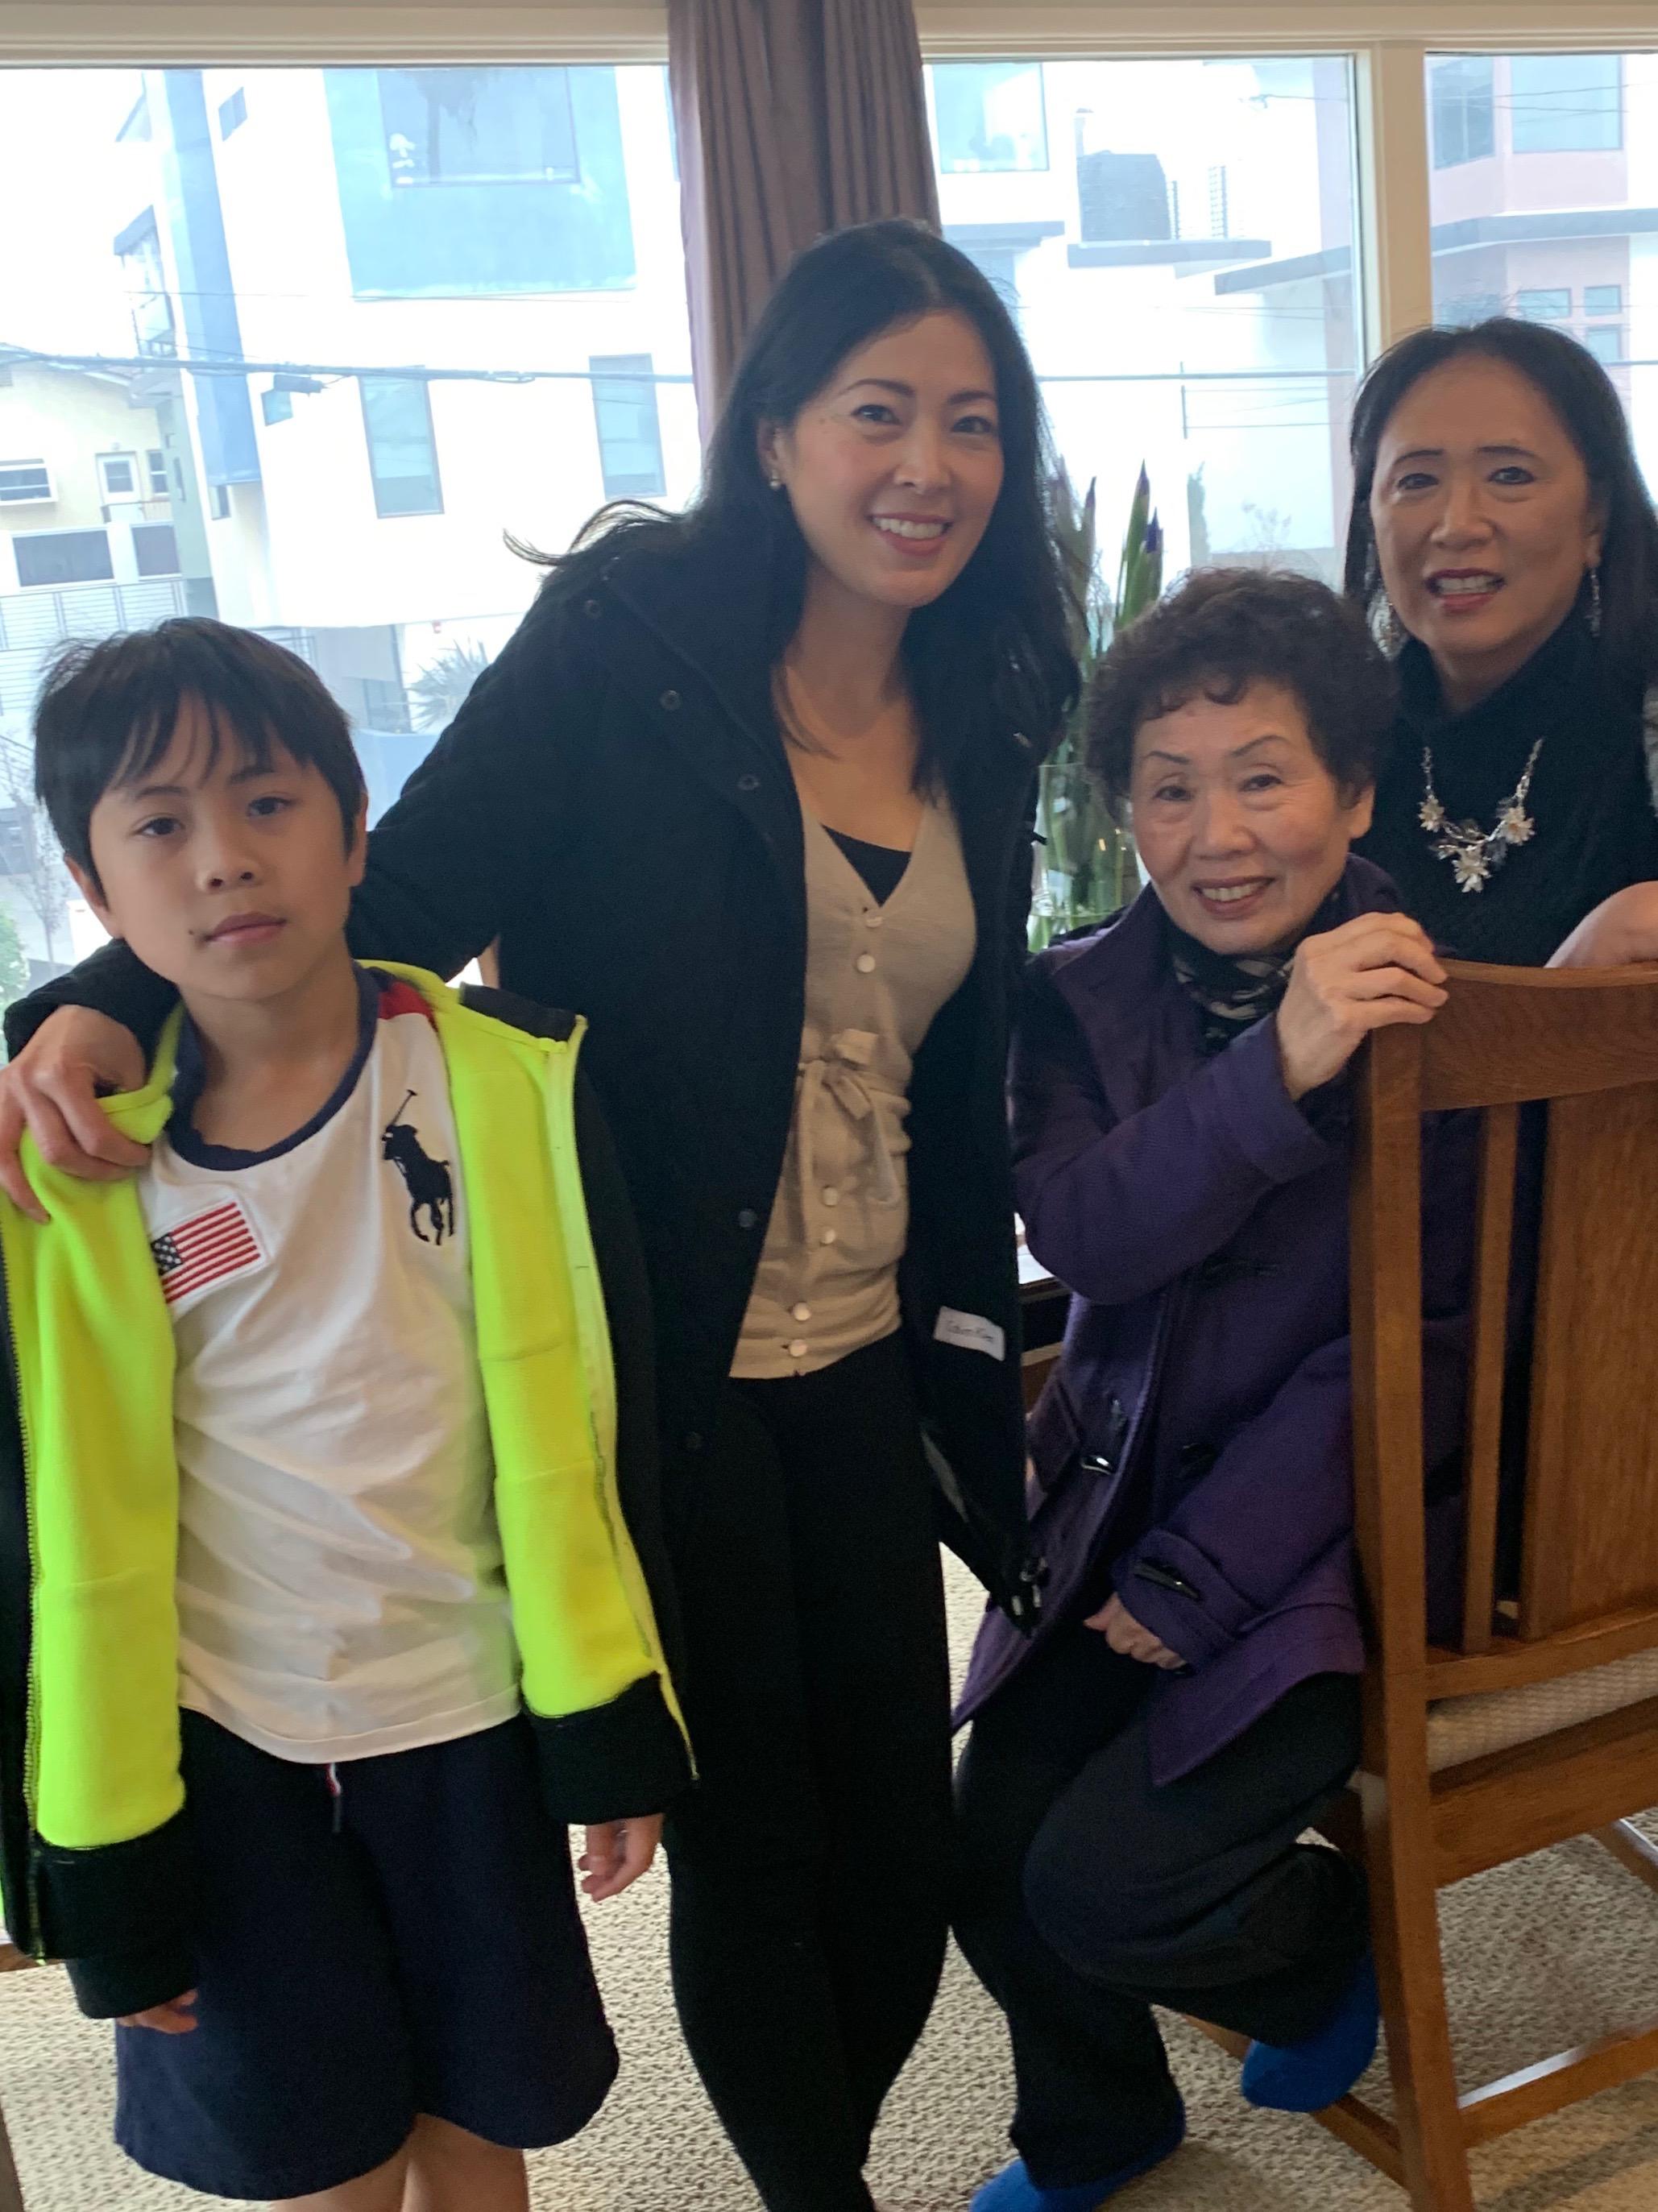 Kyle, Phuong, Natsu and Arlyn